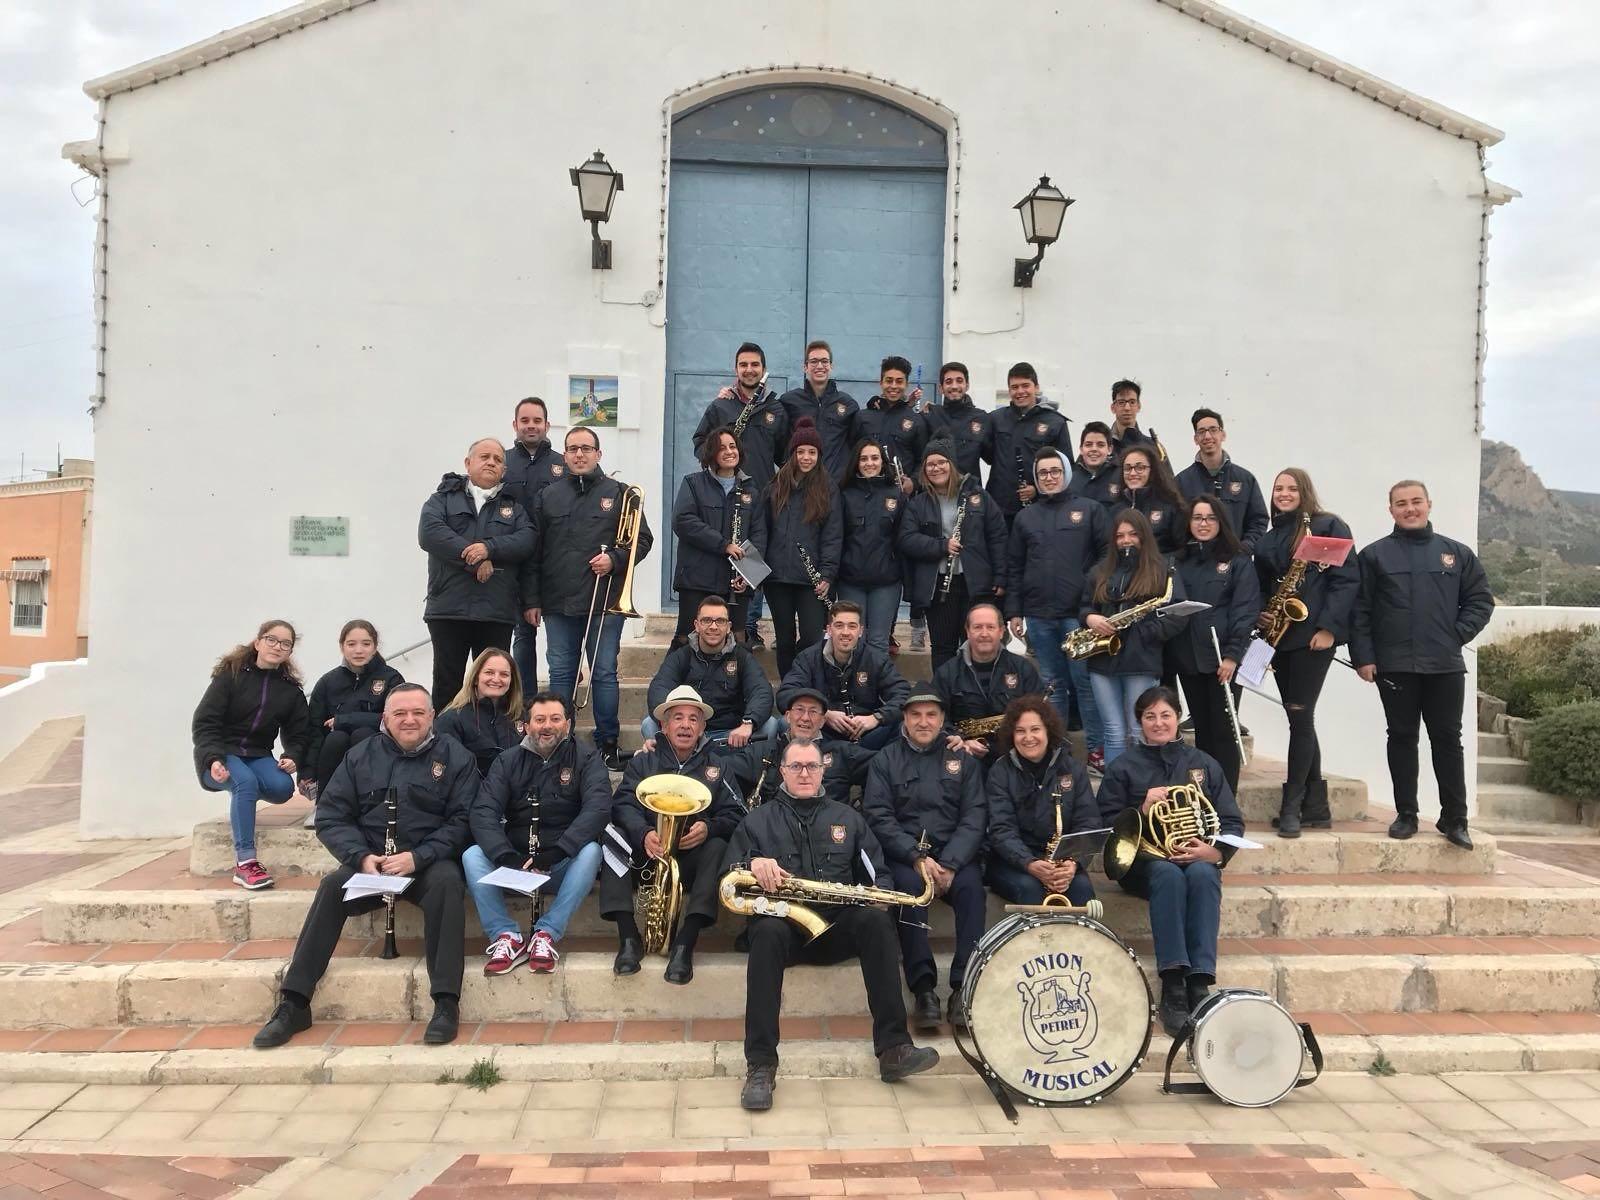 (2017-11-26) Concierto Homenaje - Despertà Unión Musical - Actos Santa Cecilia